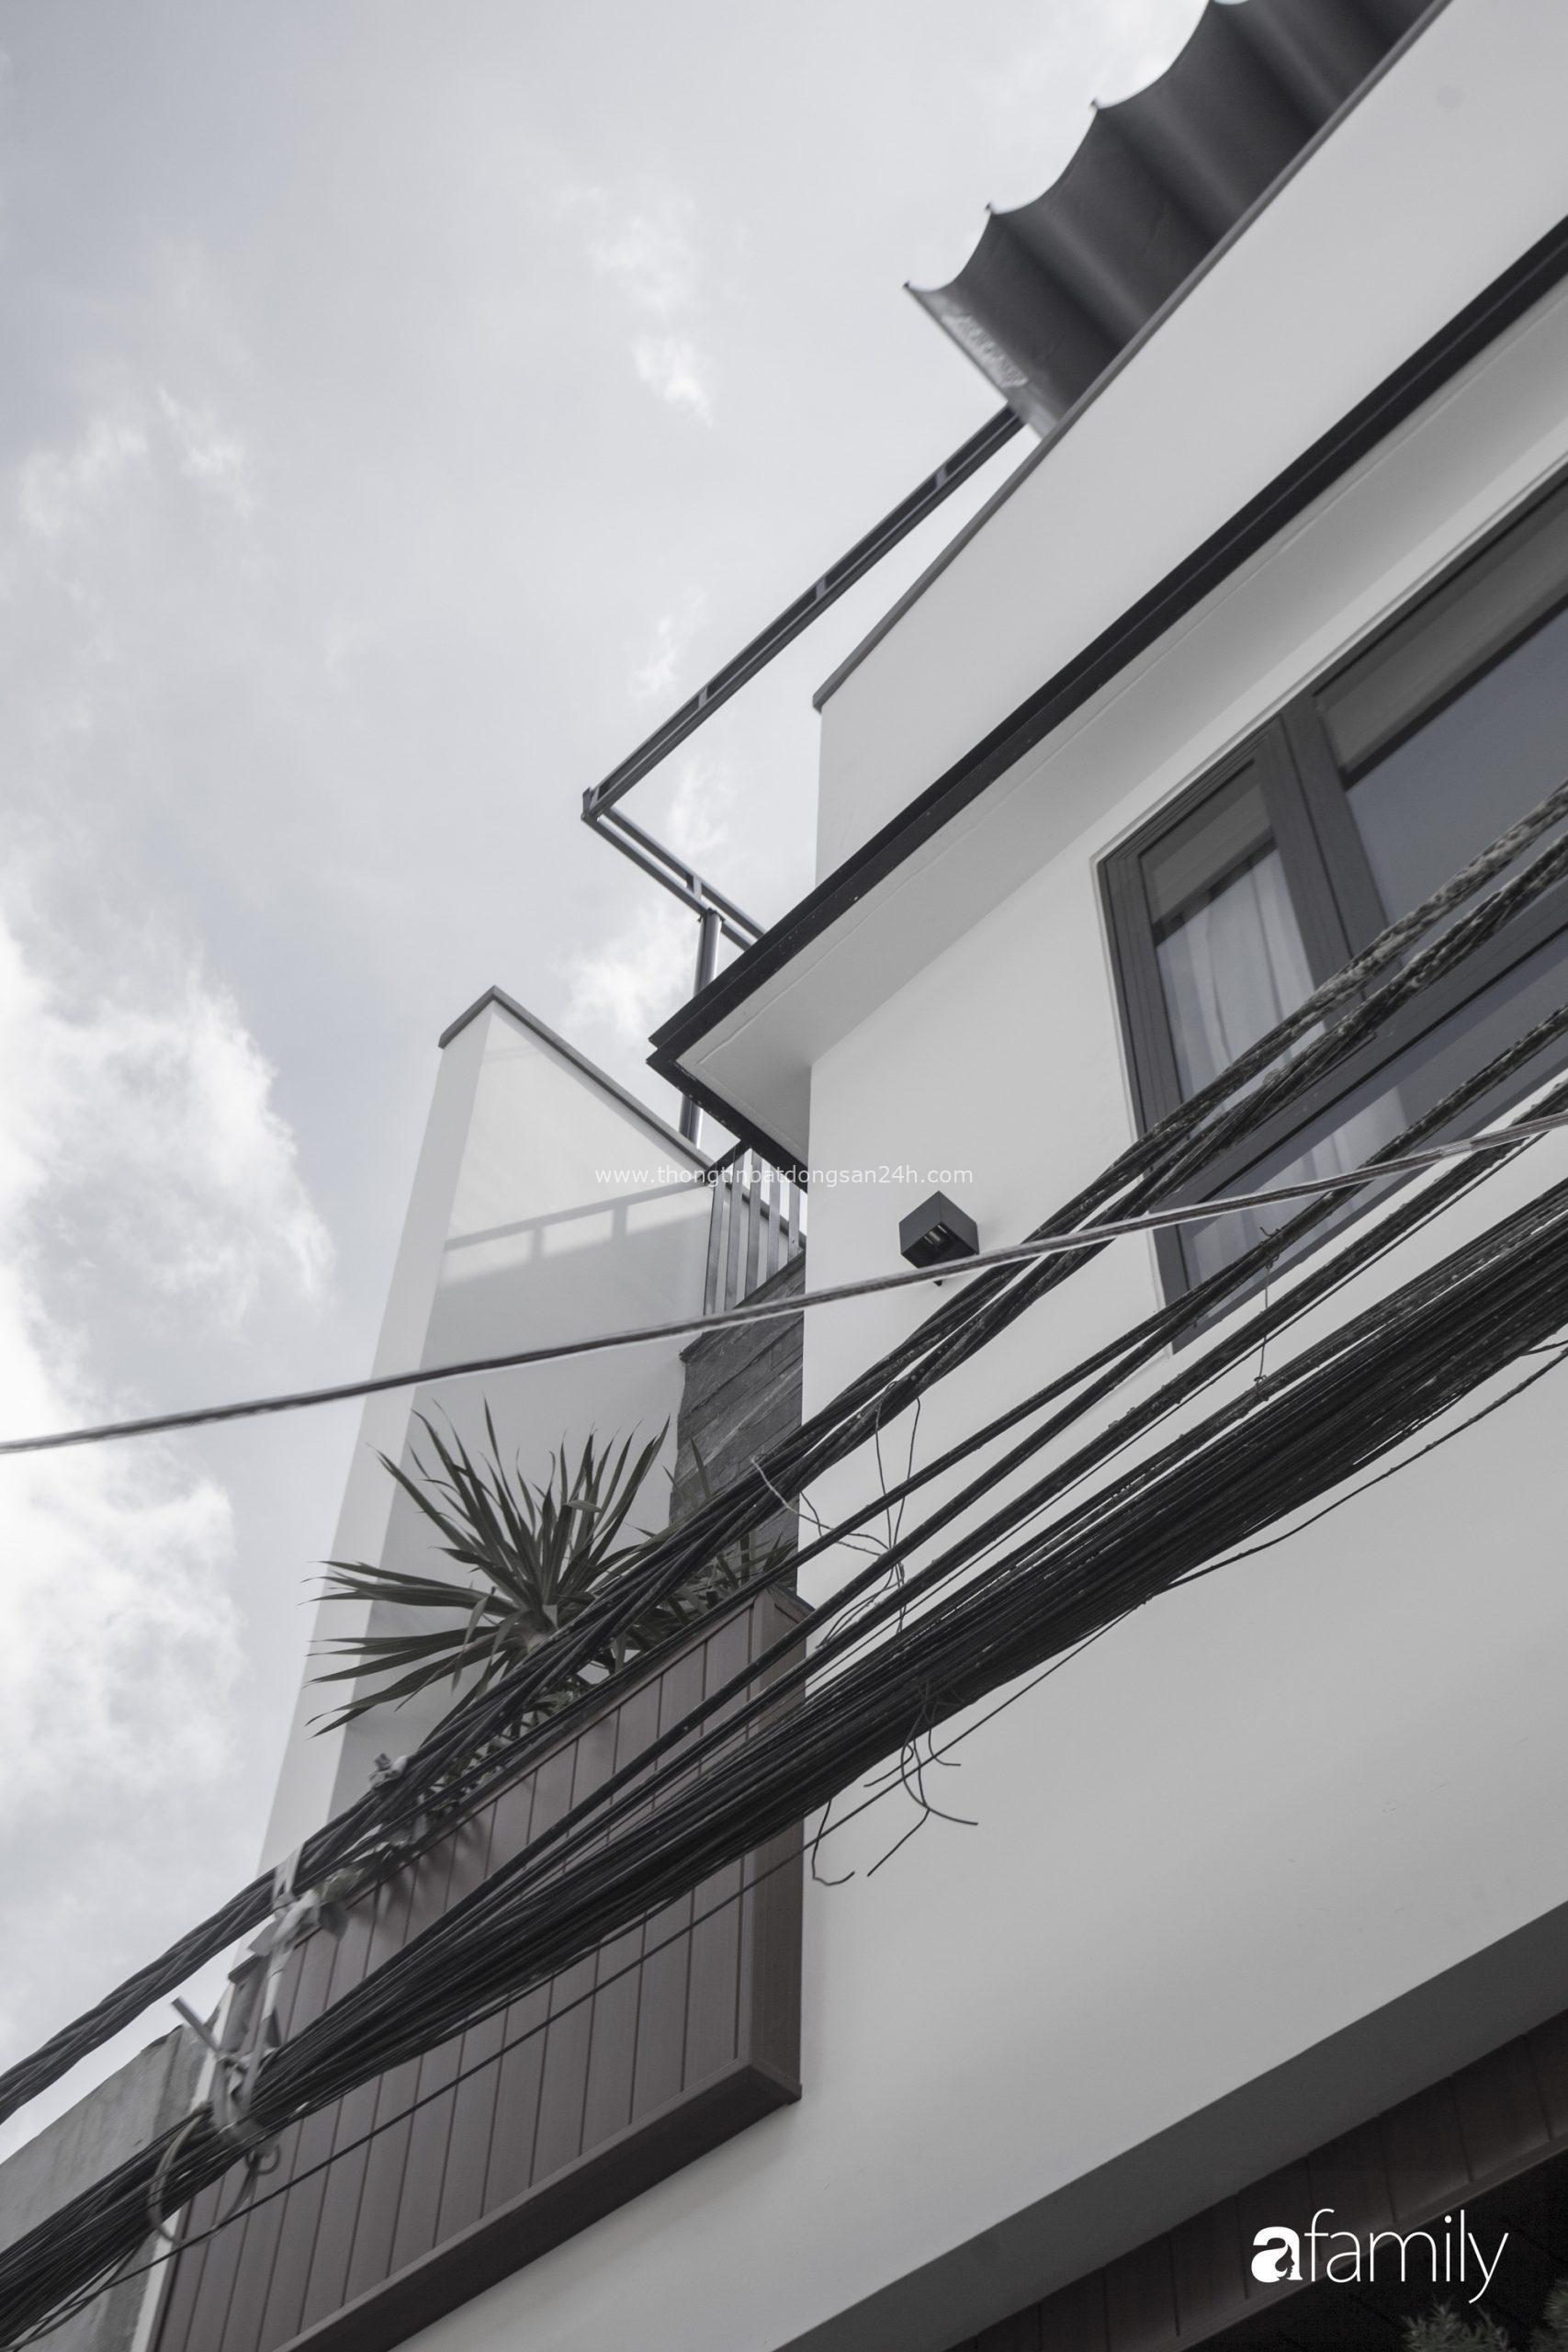 Ngôi nhà 2,5 tầng với tổng diện tích 240m2 đẹp sang trọng và tối giản ở Đà Nẵng - Ảnh 2.